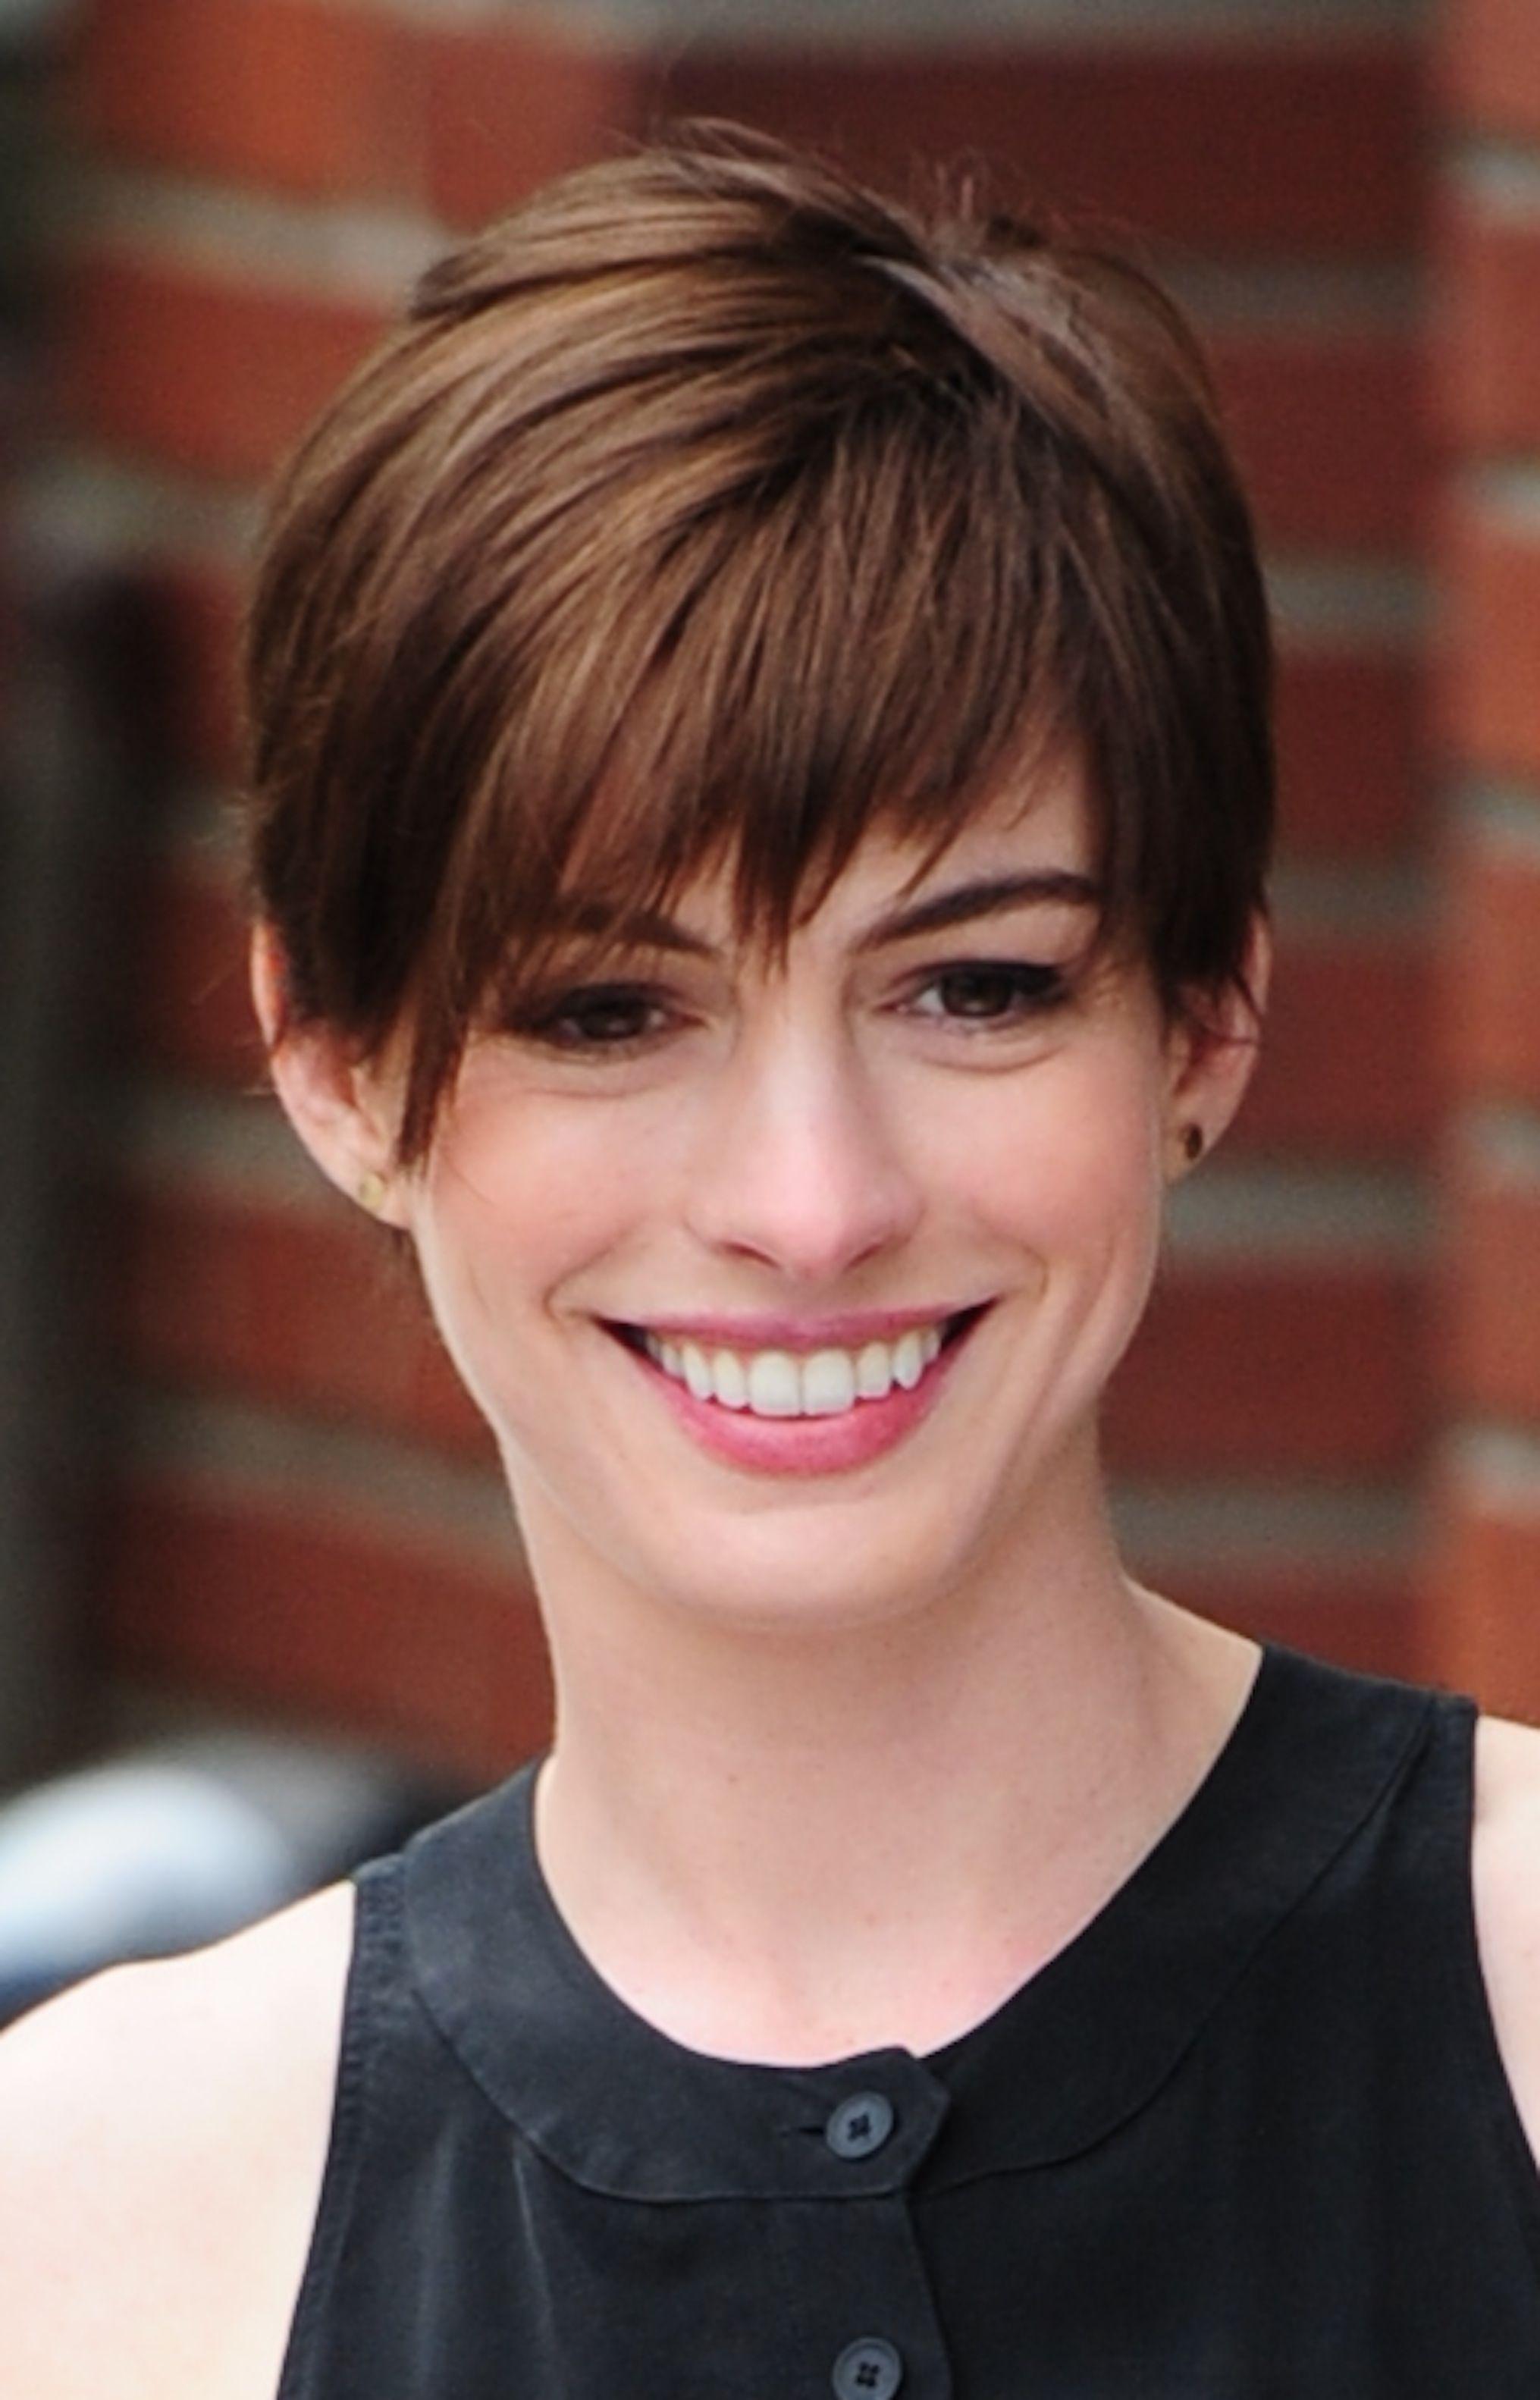 16 ispirazioni da Anne Hathaway per tutte le fasi